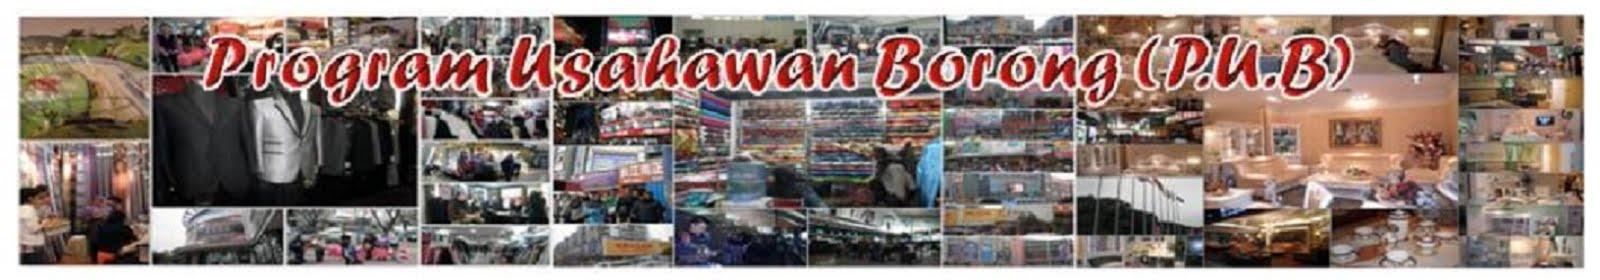 PROGRAM USAHAWAN BORONG (P.U.B)